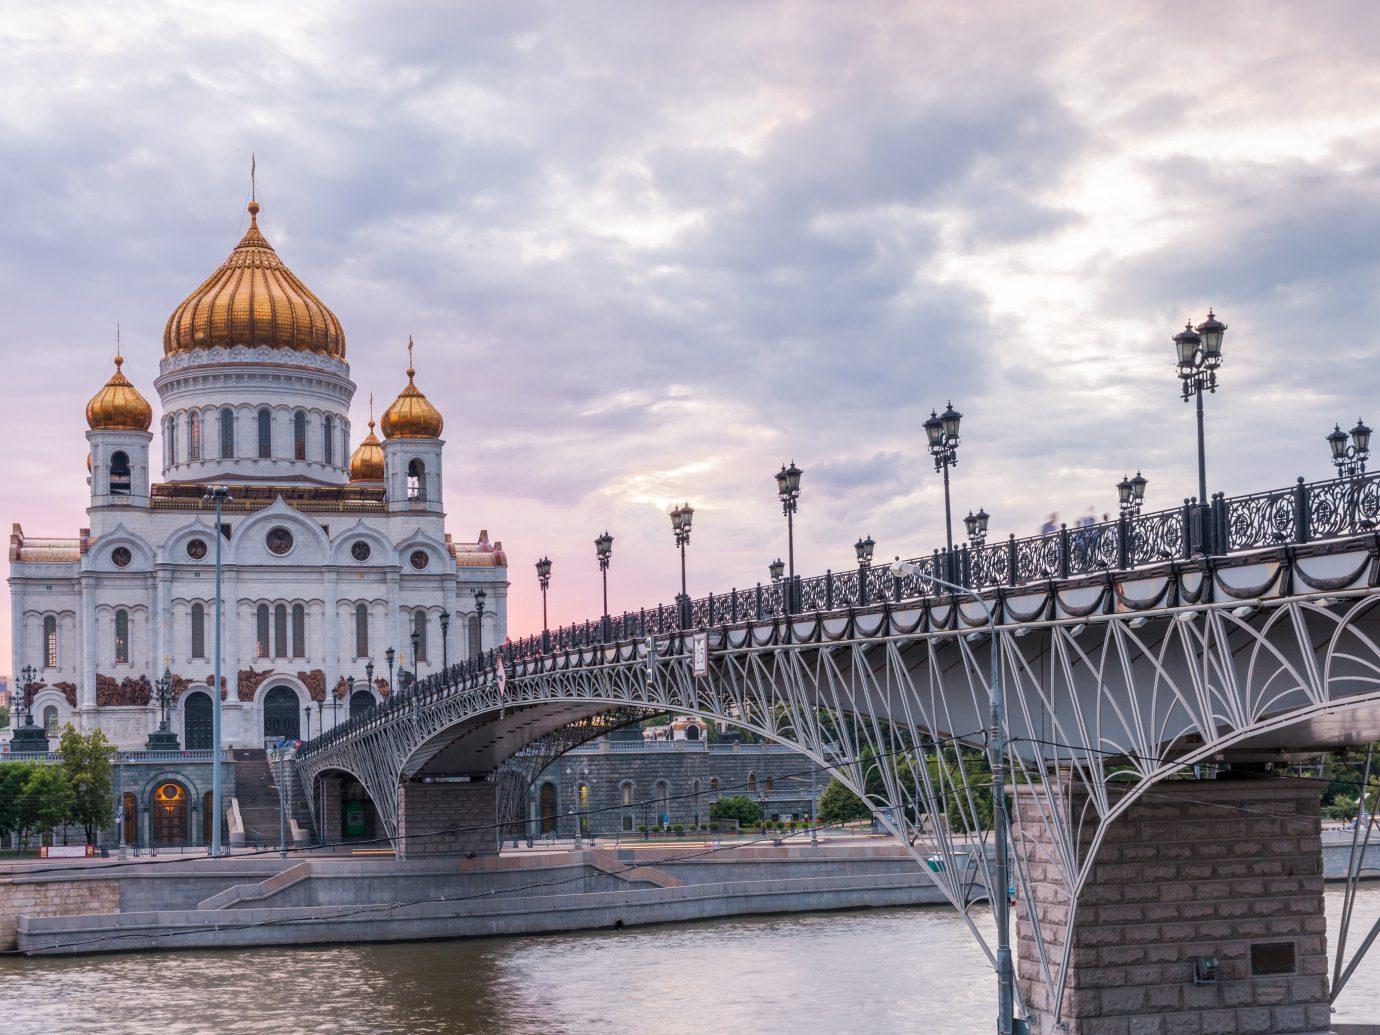 Arts + Culture Trip Ideas landmark bridge sky tourist attraction City fixed link River building tourism